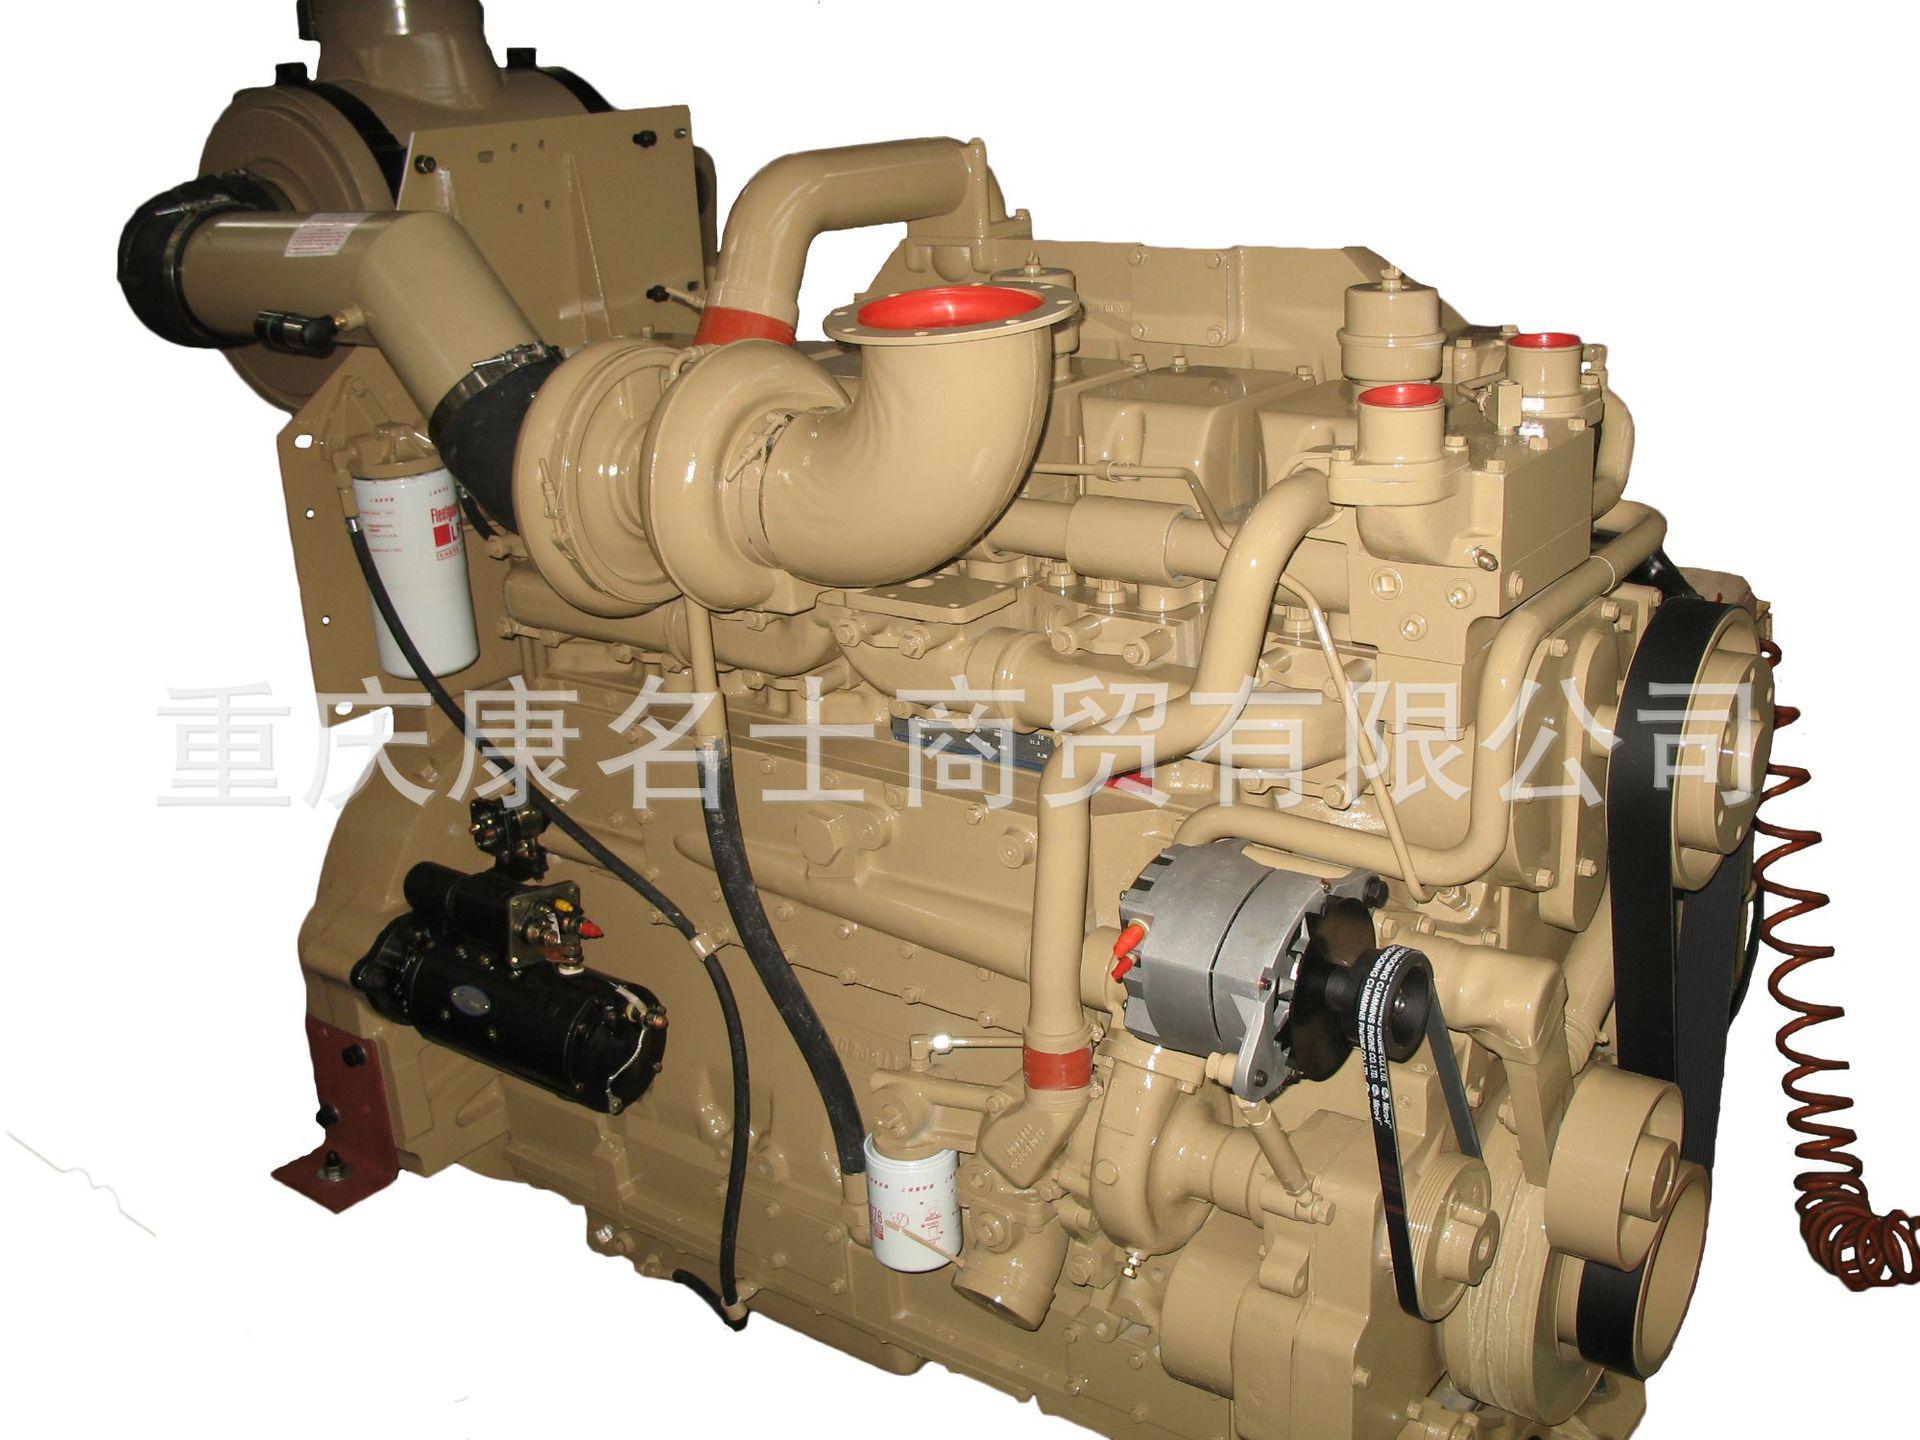 212025康明斯发动机加热器KTTA-19-P(700)发动机配件厂价优惠